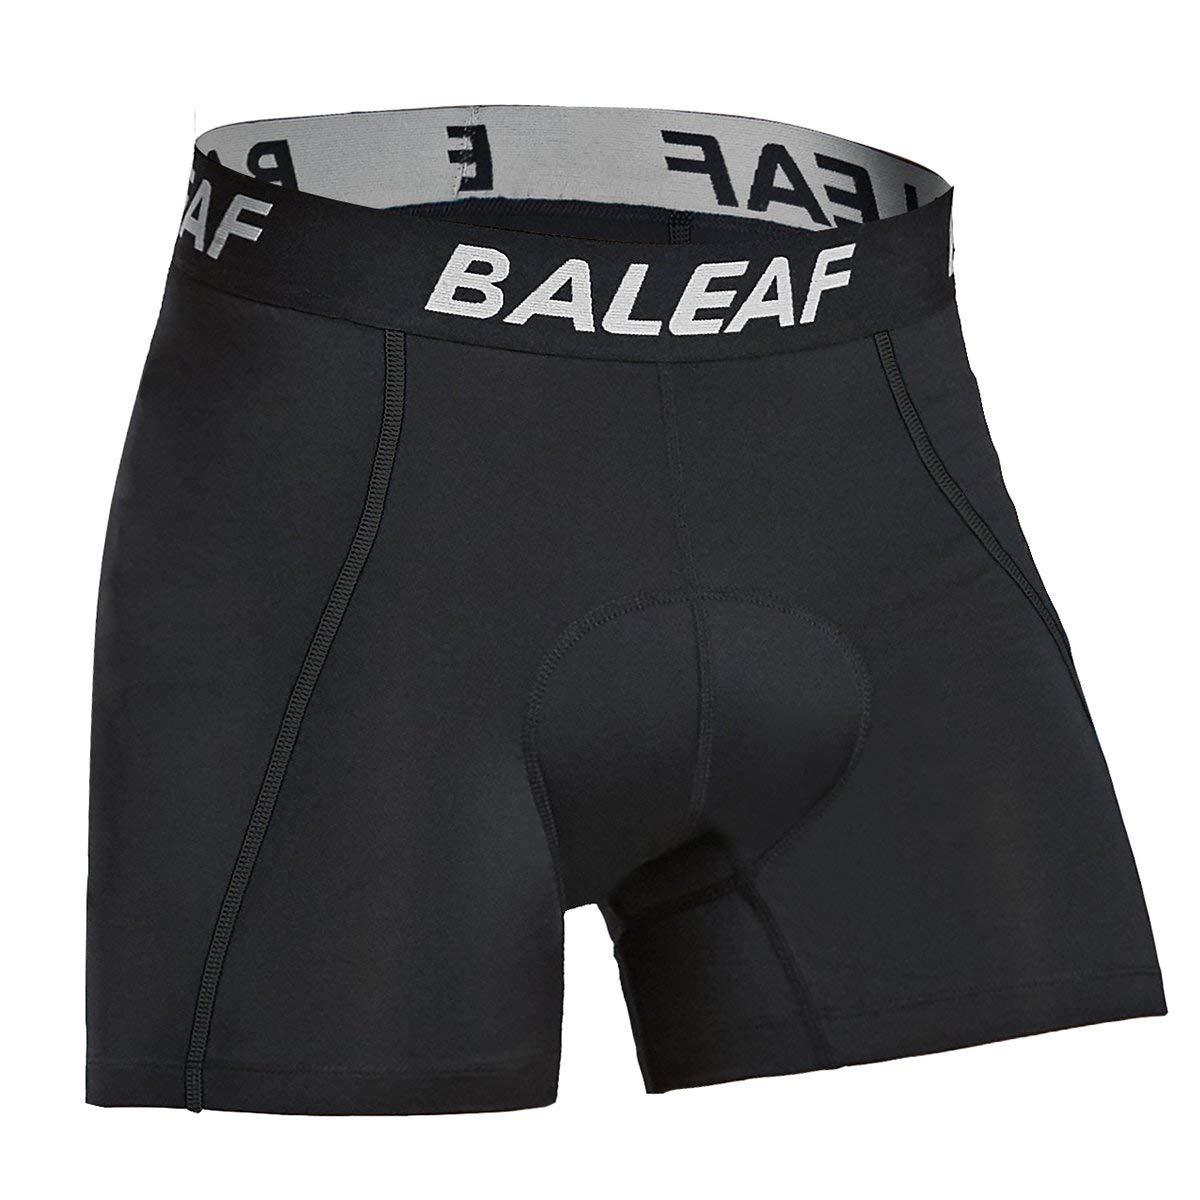 バリーフ(Baleaf)メンズ レーサーパンツ サイクル インナー 3Dゲルパッド 衝撃吸収 痛み軽減 自転車用 多彩 Medium Black-New B07M7T1S2W